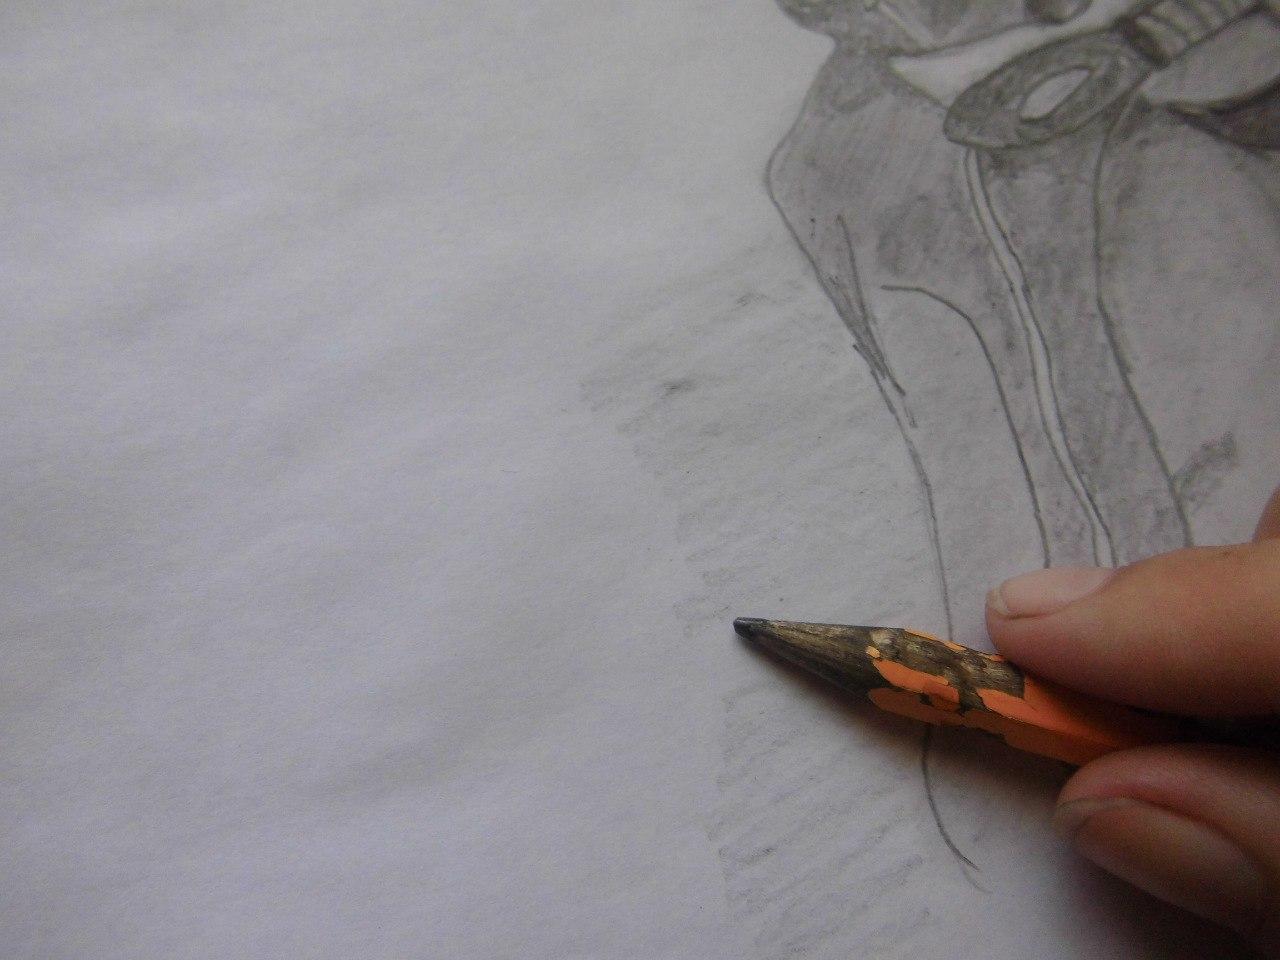 Рисуем Наруто с ножом - фото 15